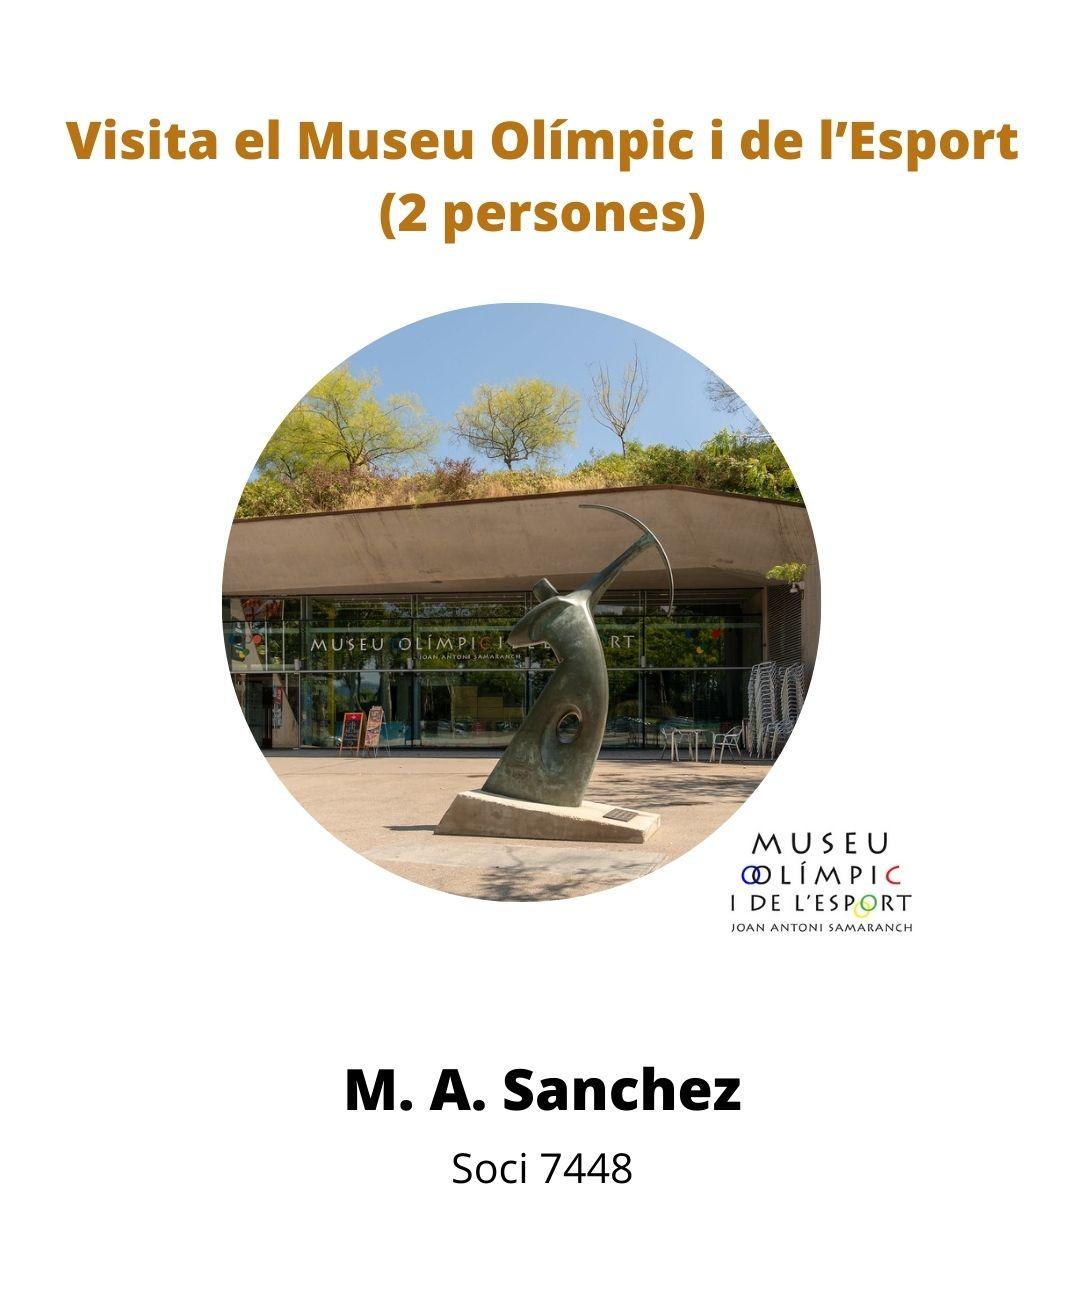 Museu Olímpic de l'esport